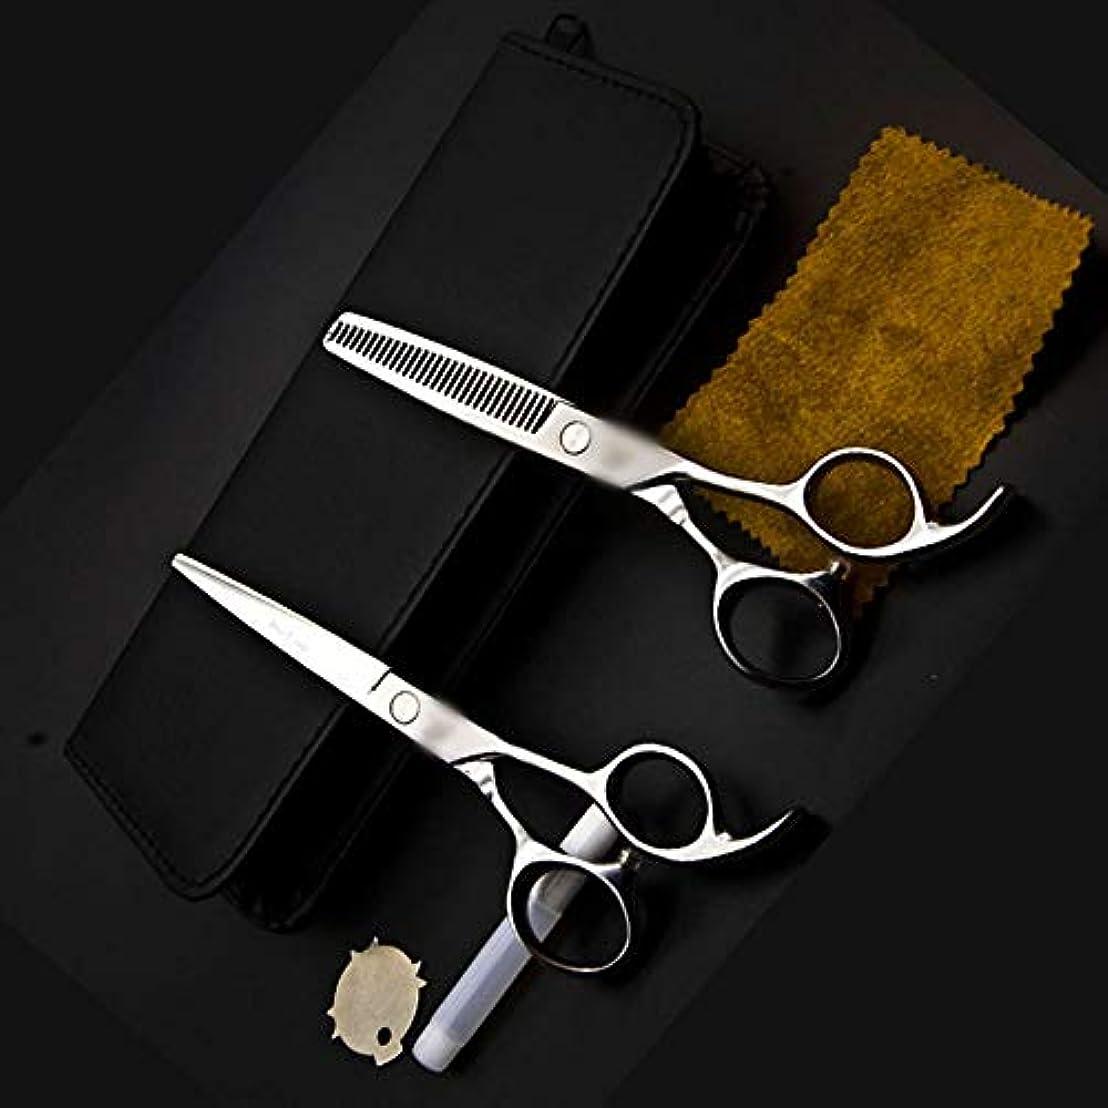 不利益一般化するジェーンオースティン6インチ美容院プロフェッショナル理髪はさみセット モデリングツール (色 : Silver)